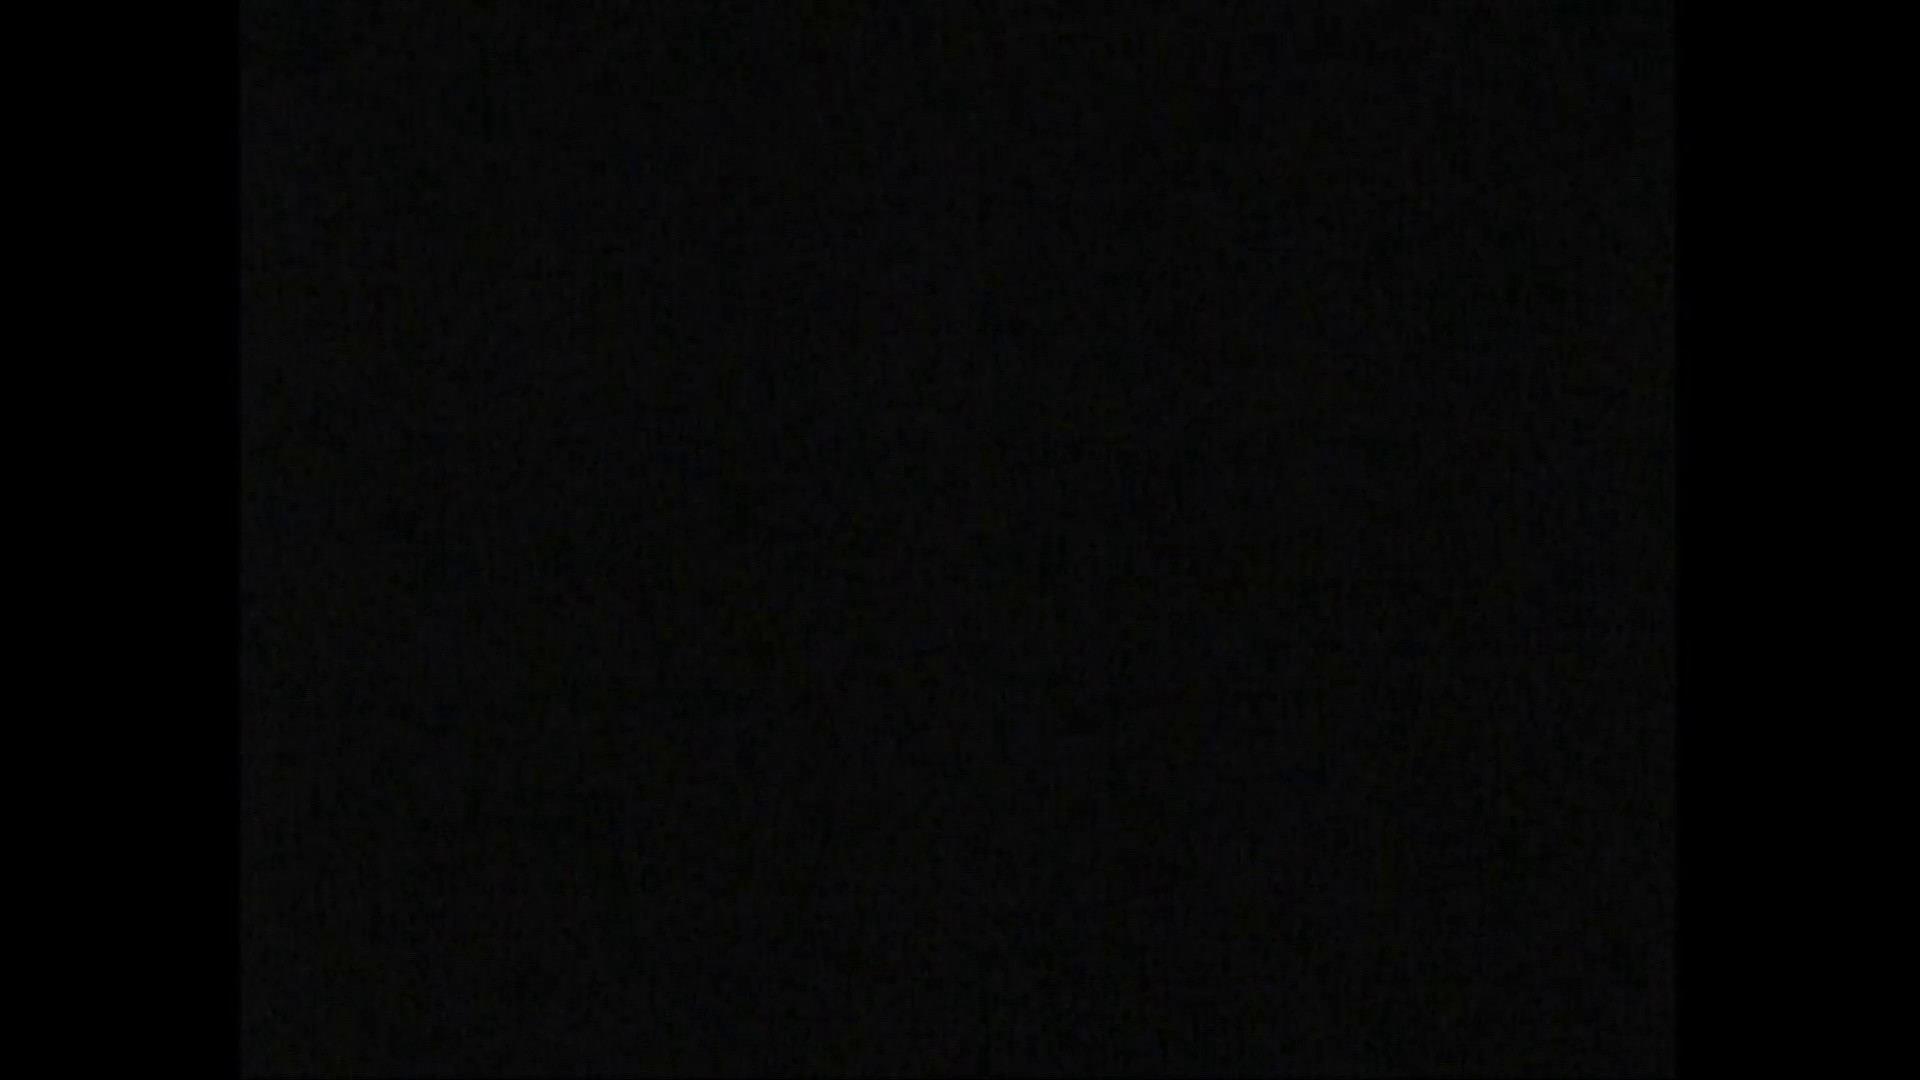 隙間からノゾク風呂 Vol.29 股をグイッとひらいて・・・。 民家 ワレメ無修正動画無料 76枚 52